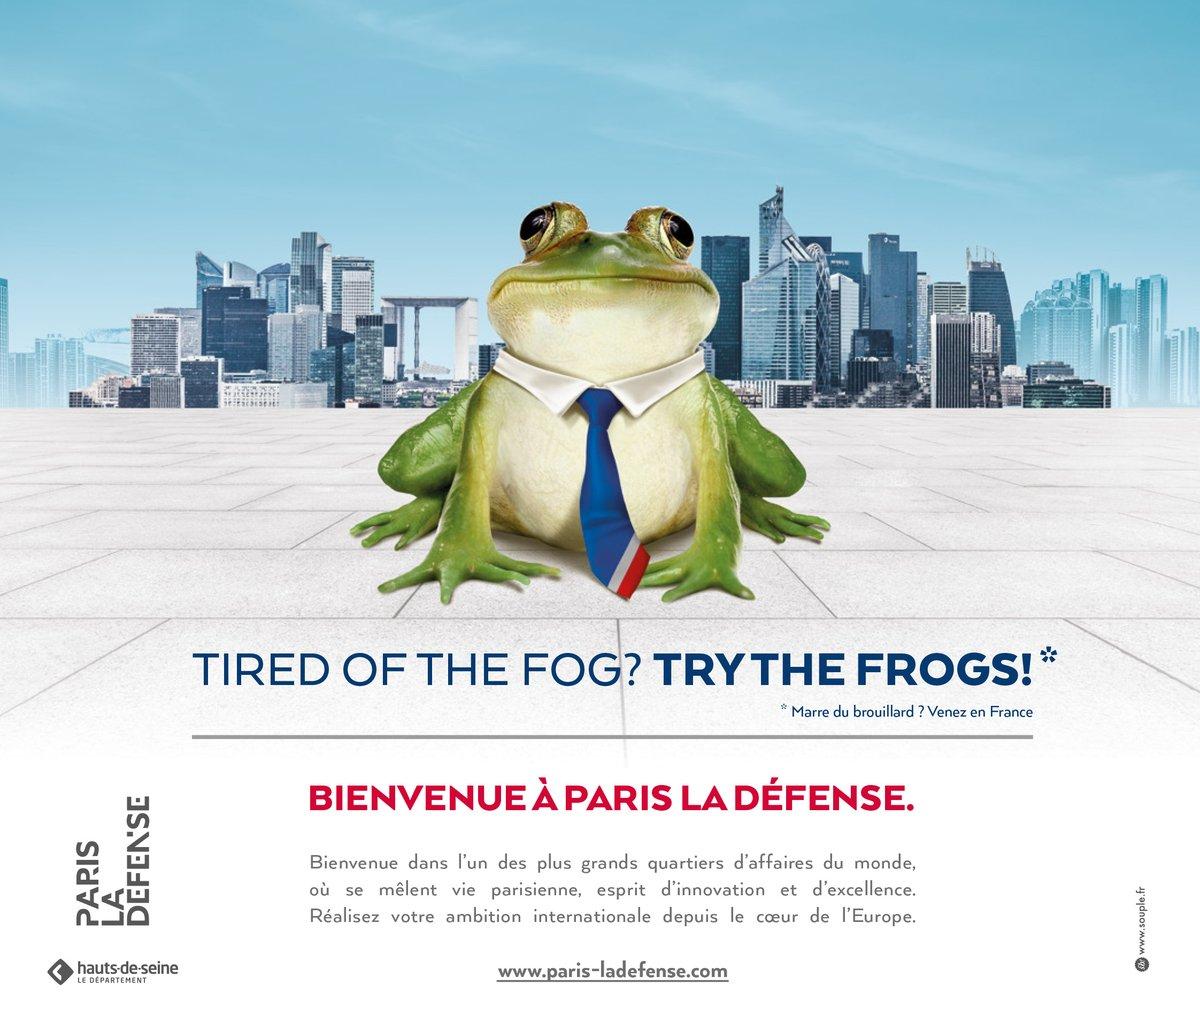 Французы переманивают бизнес из Лондона предлагая попробовать лягушек